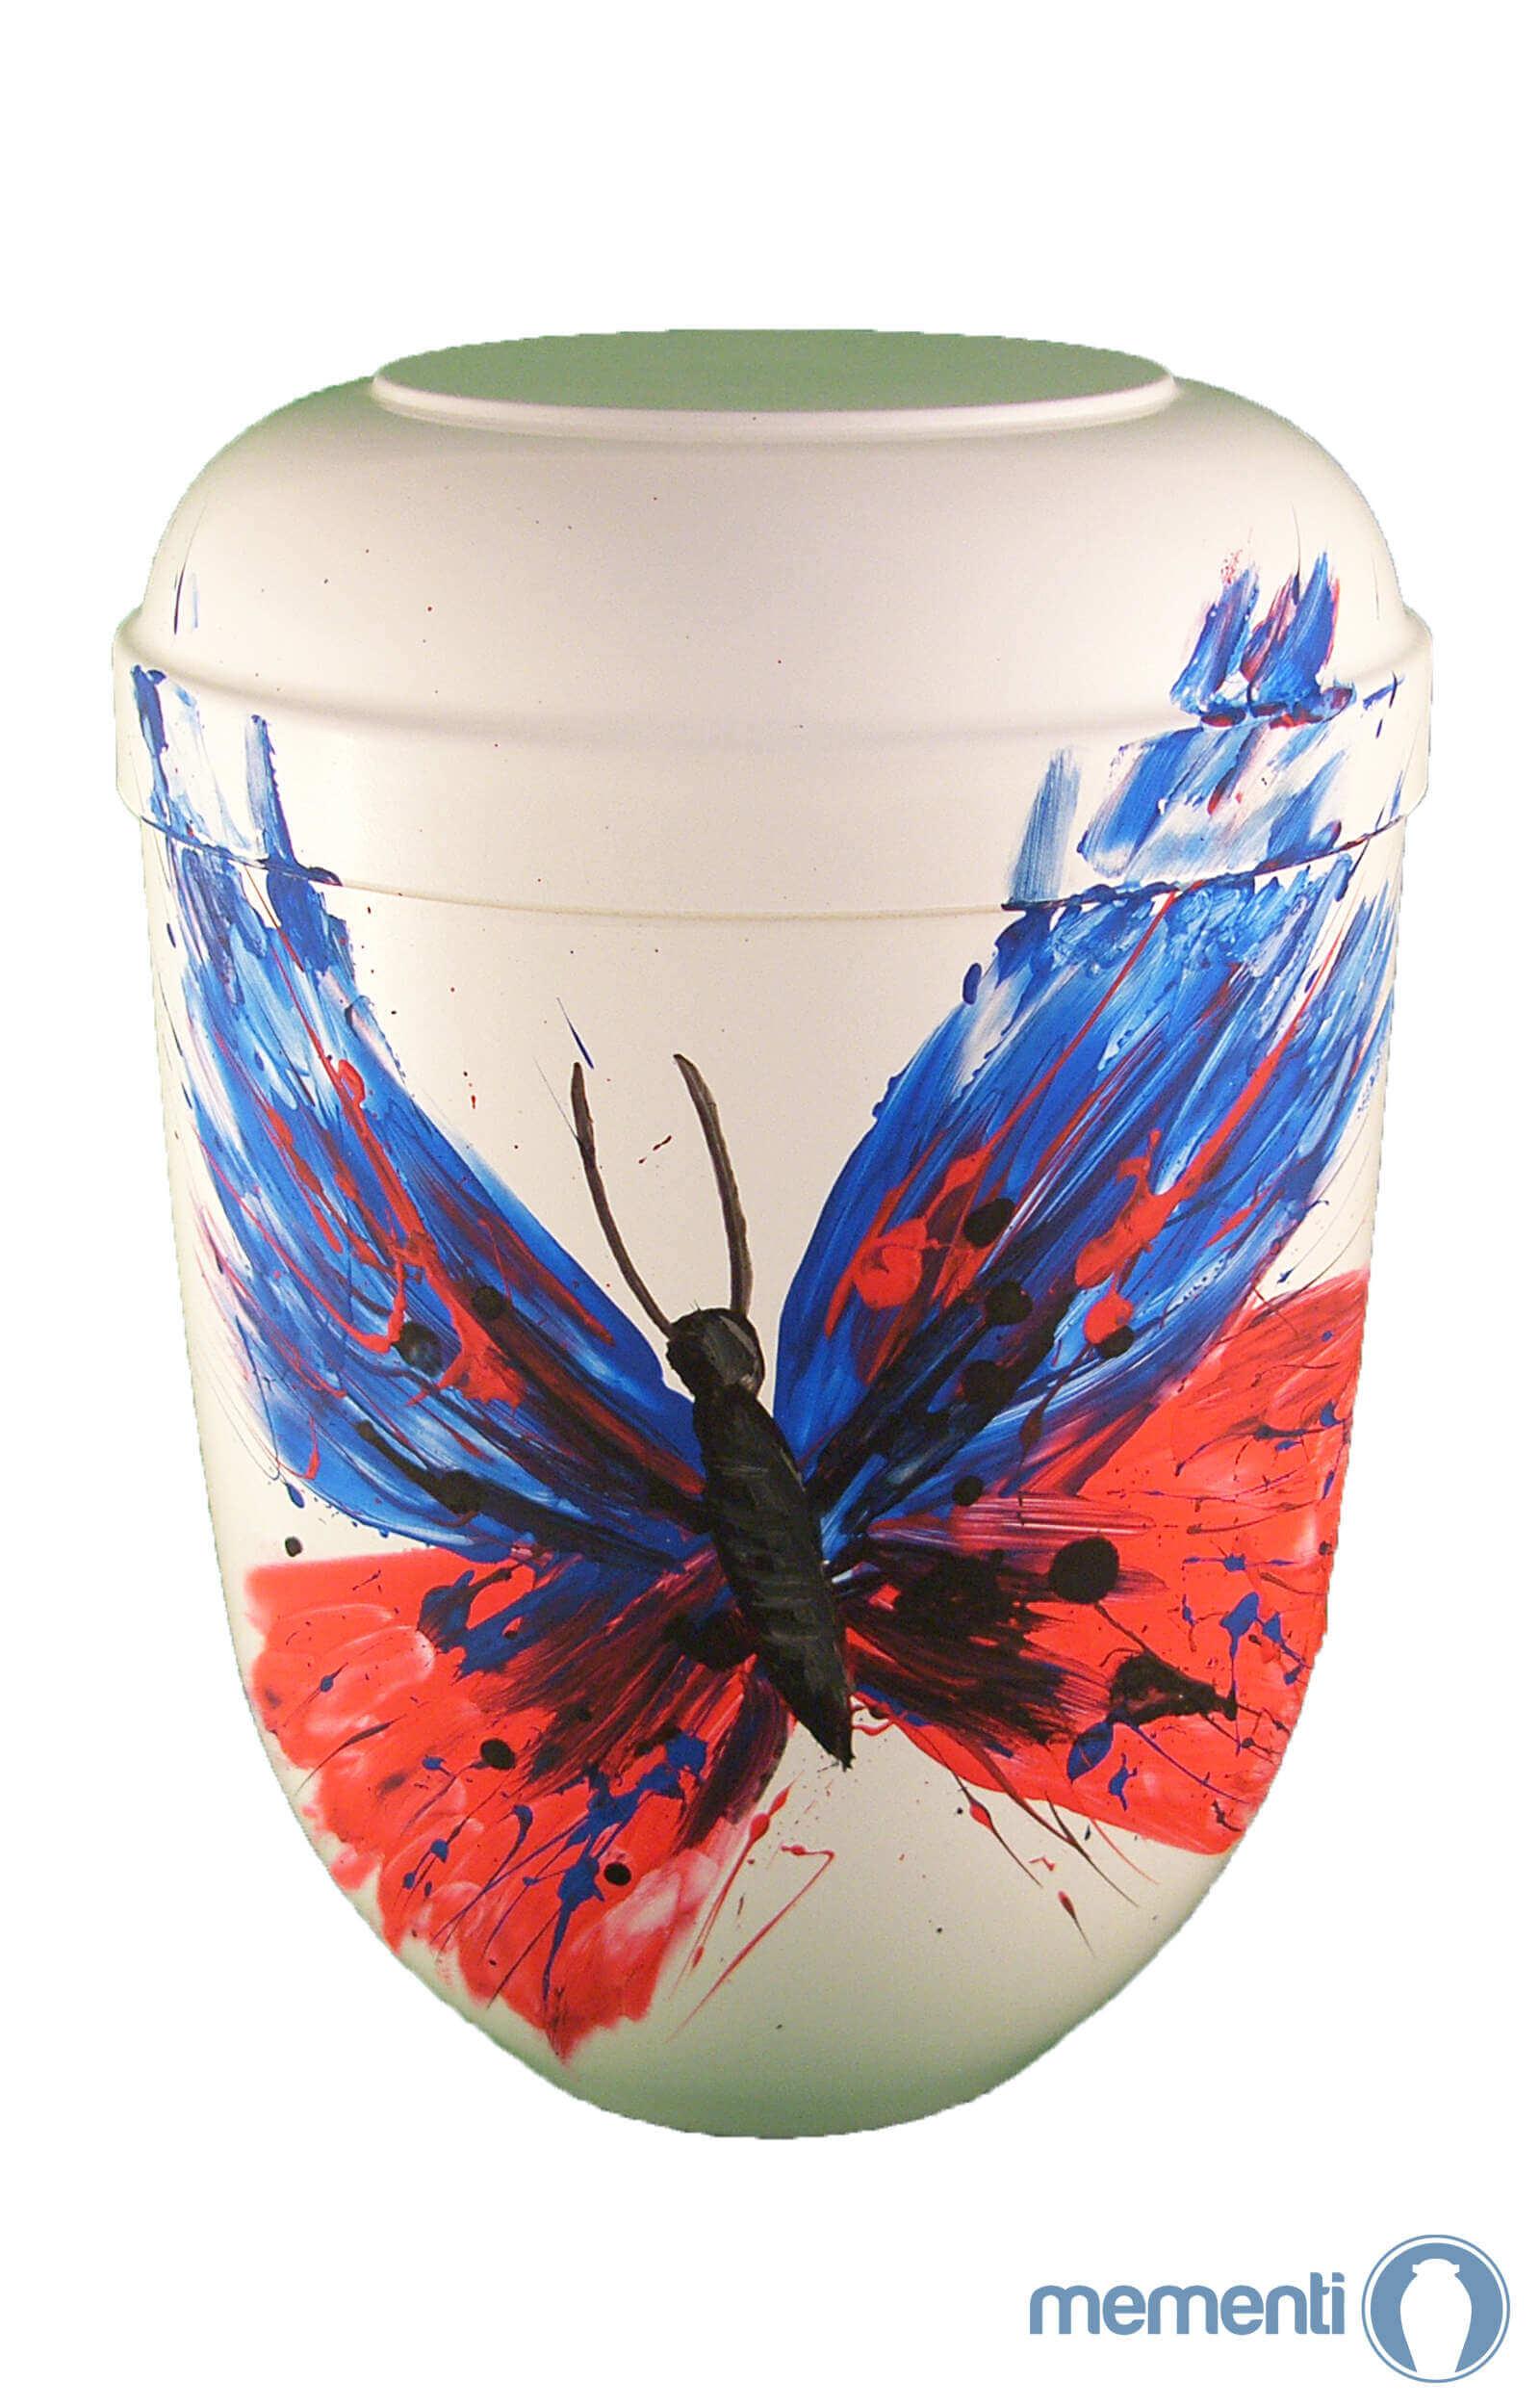 de BW3388 Bio Urne weiss comar Schmetterling der Wiederauferstehung Urnen kaufen Biournen